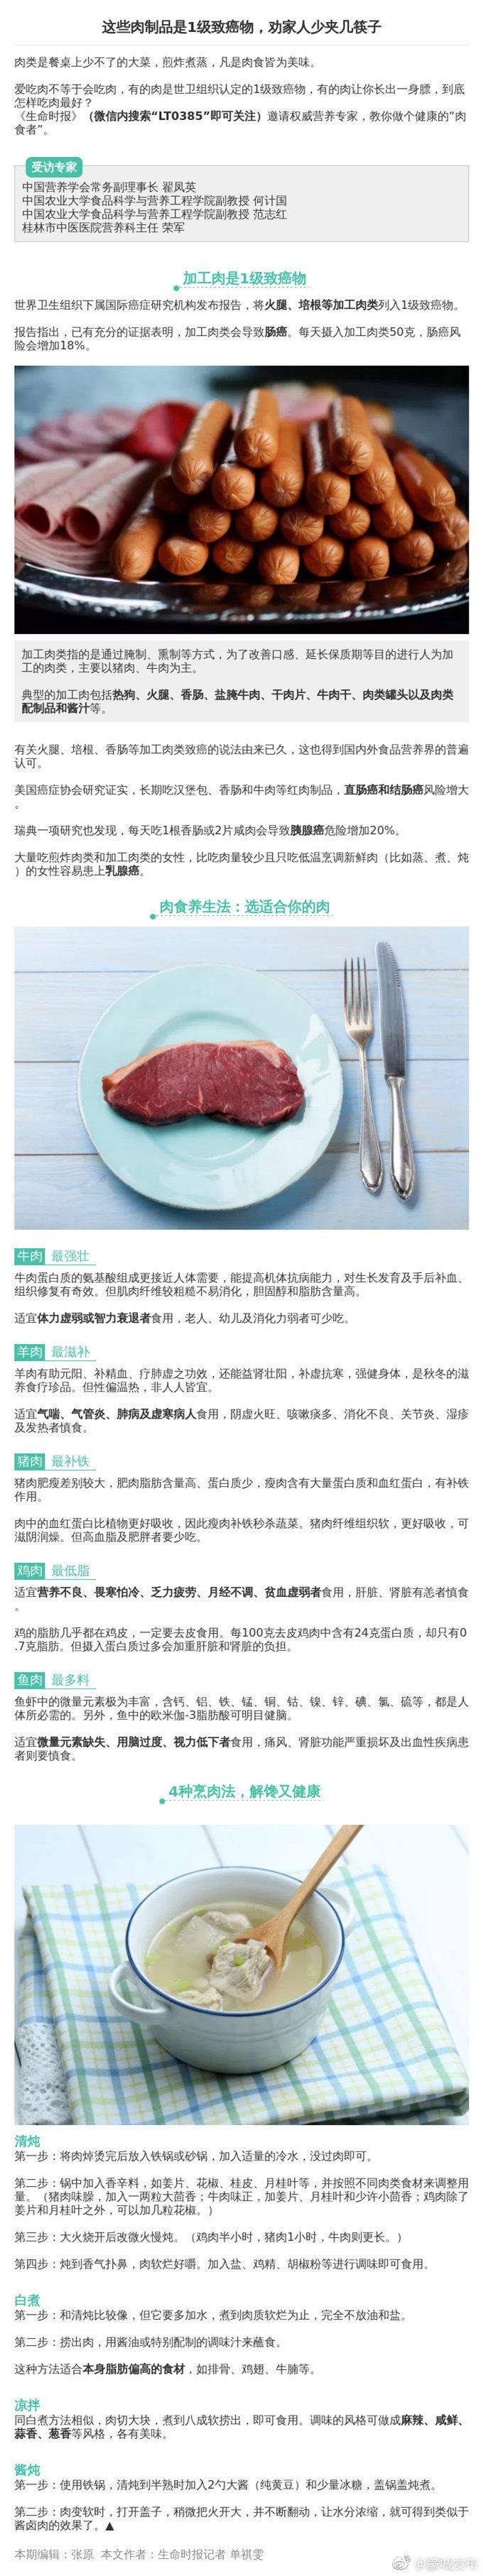 这些肉制品是1级致癌物,劝家人少吃几筷子